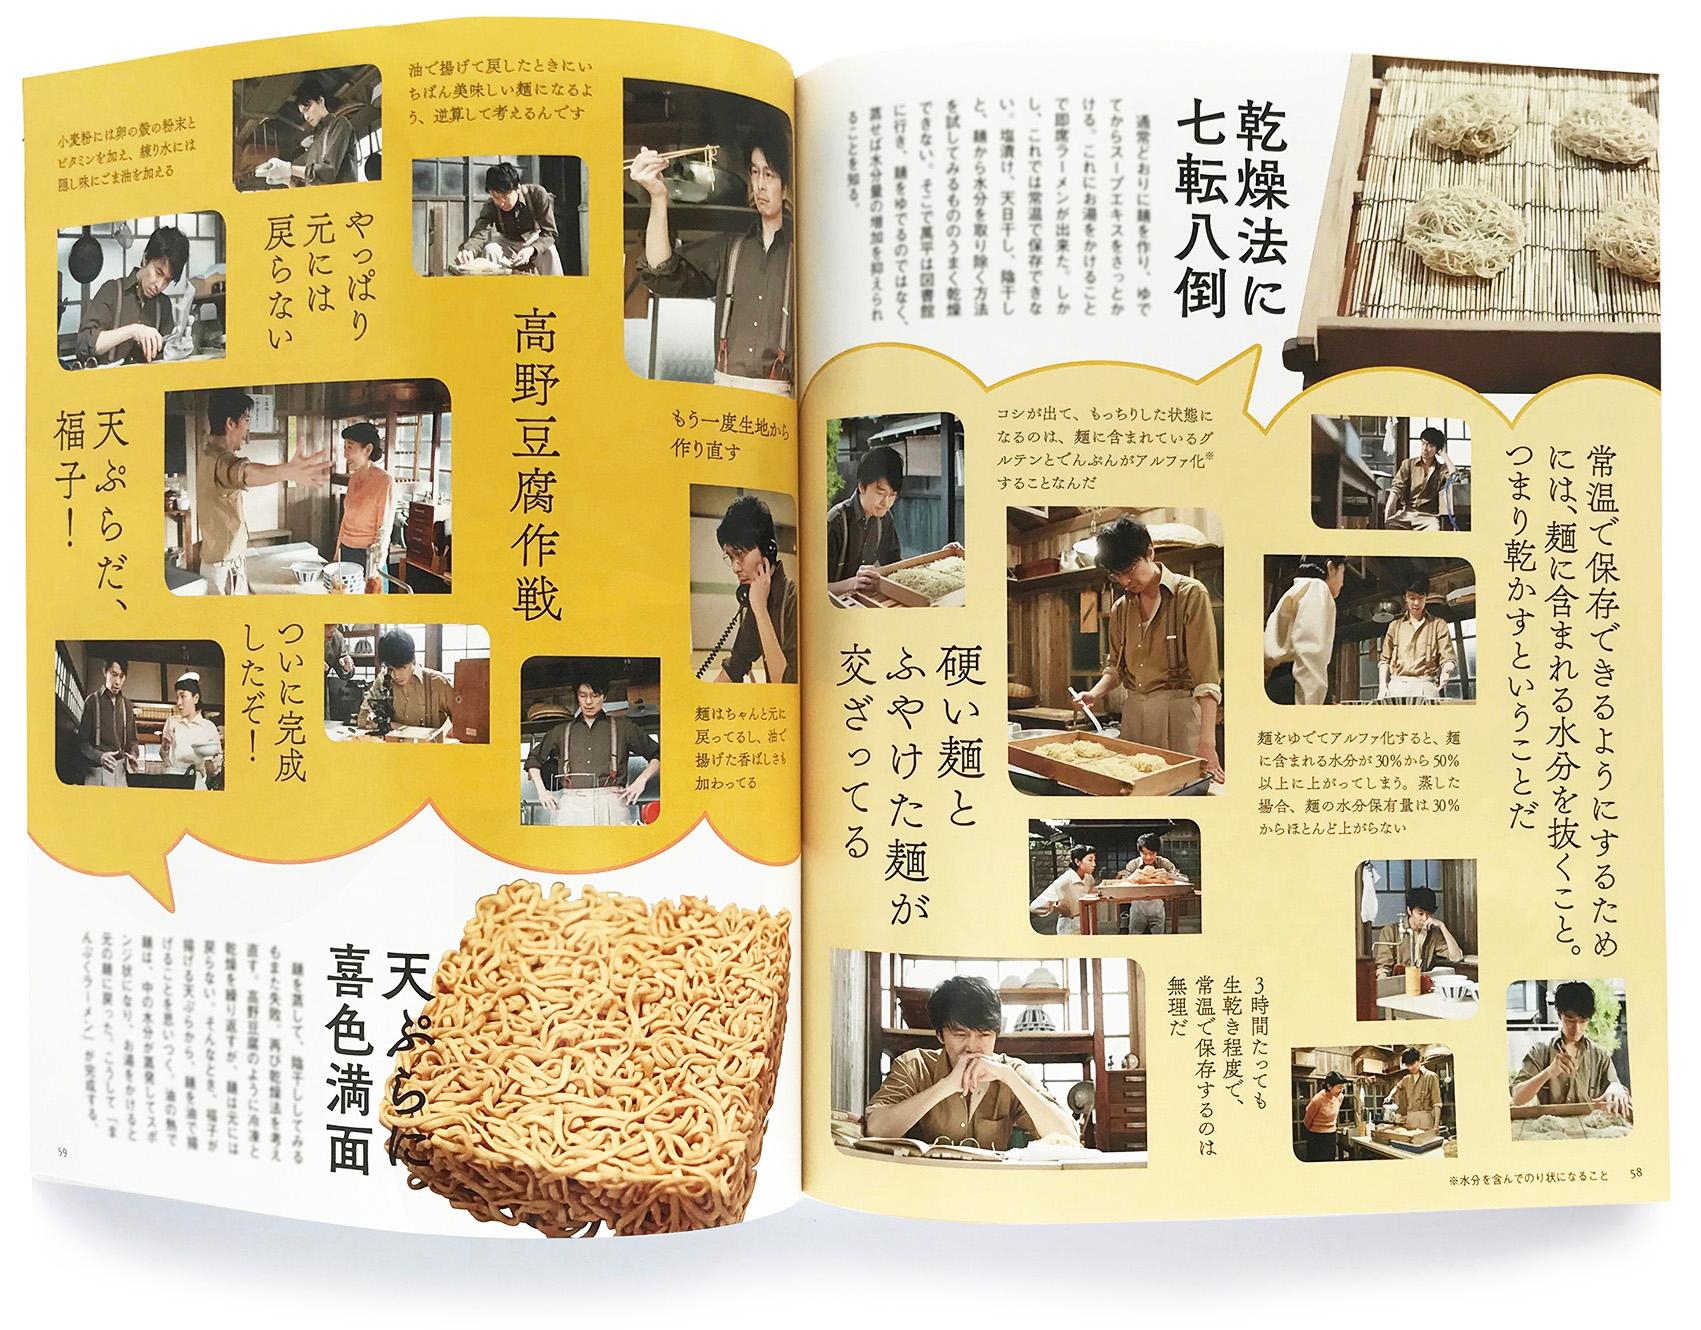 NHKドラマ・ガイド『連続テレビ小説 まんぷく』 3